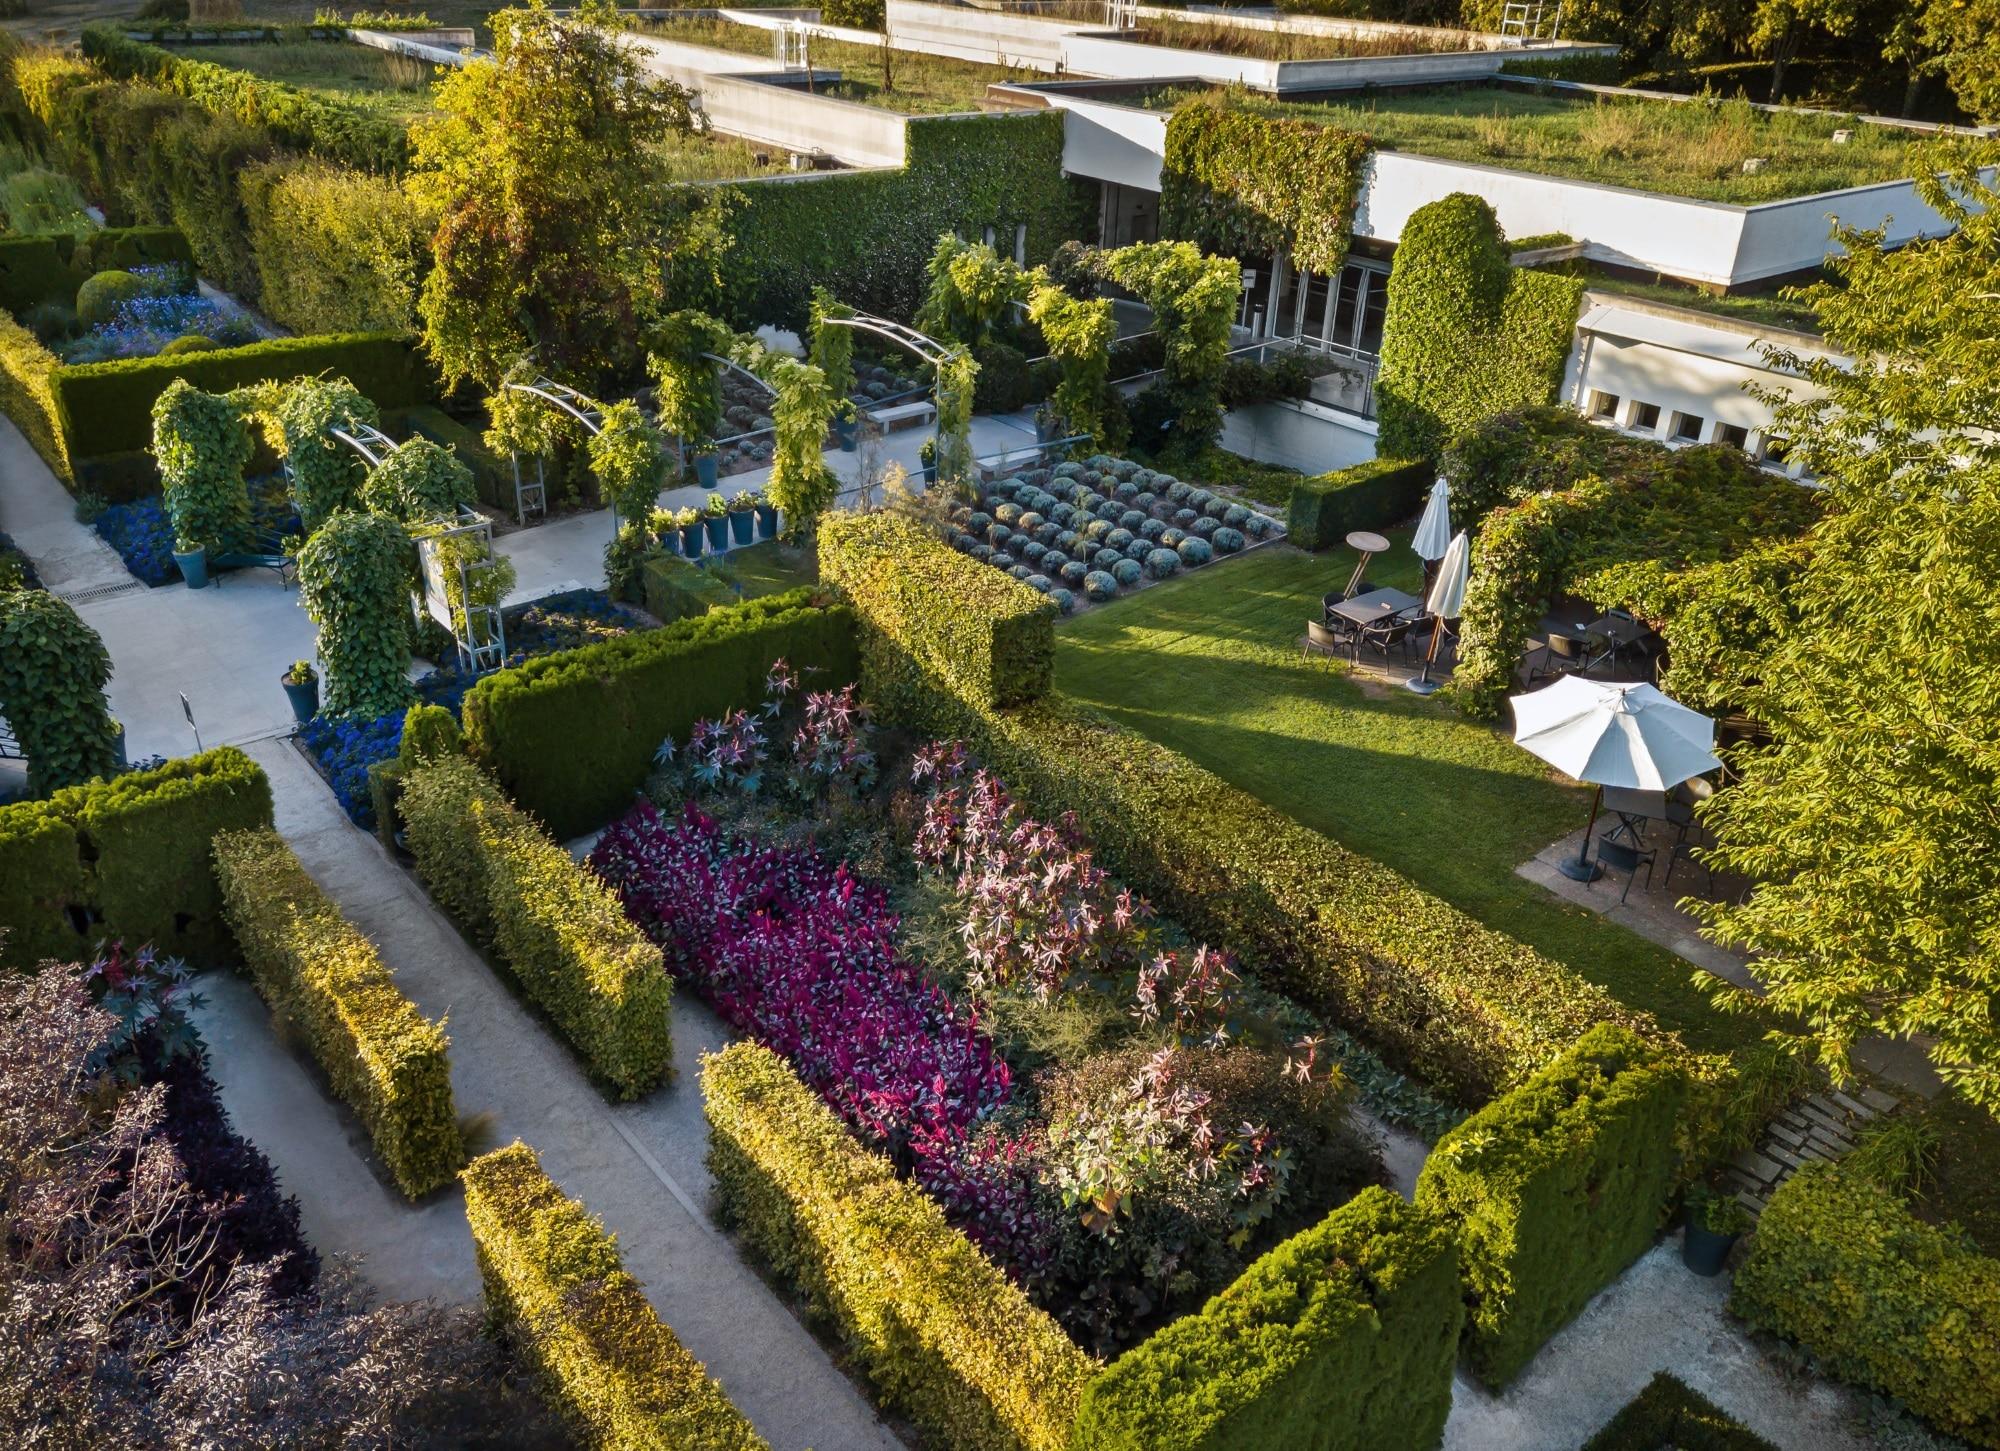 Le jardin du musée des impressionnismes Giverny